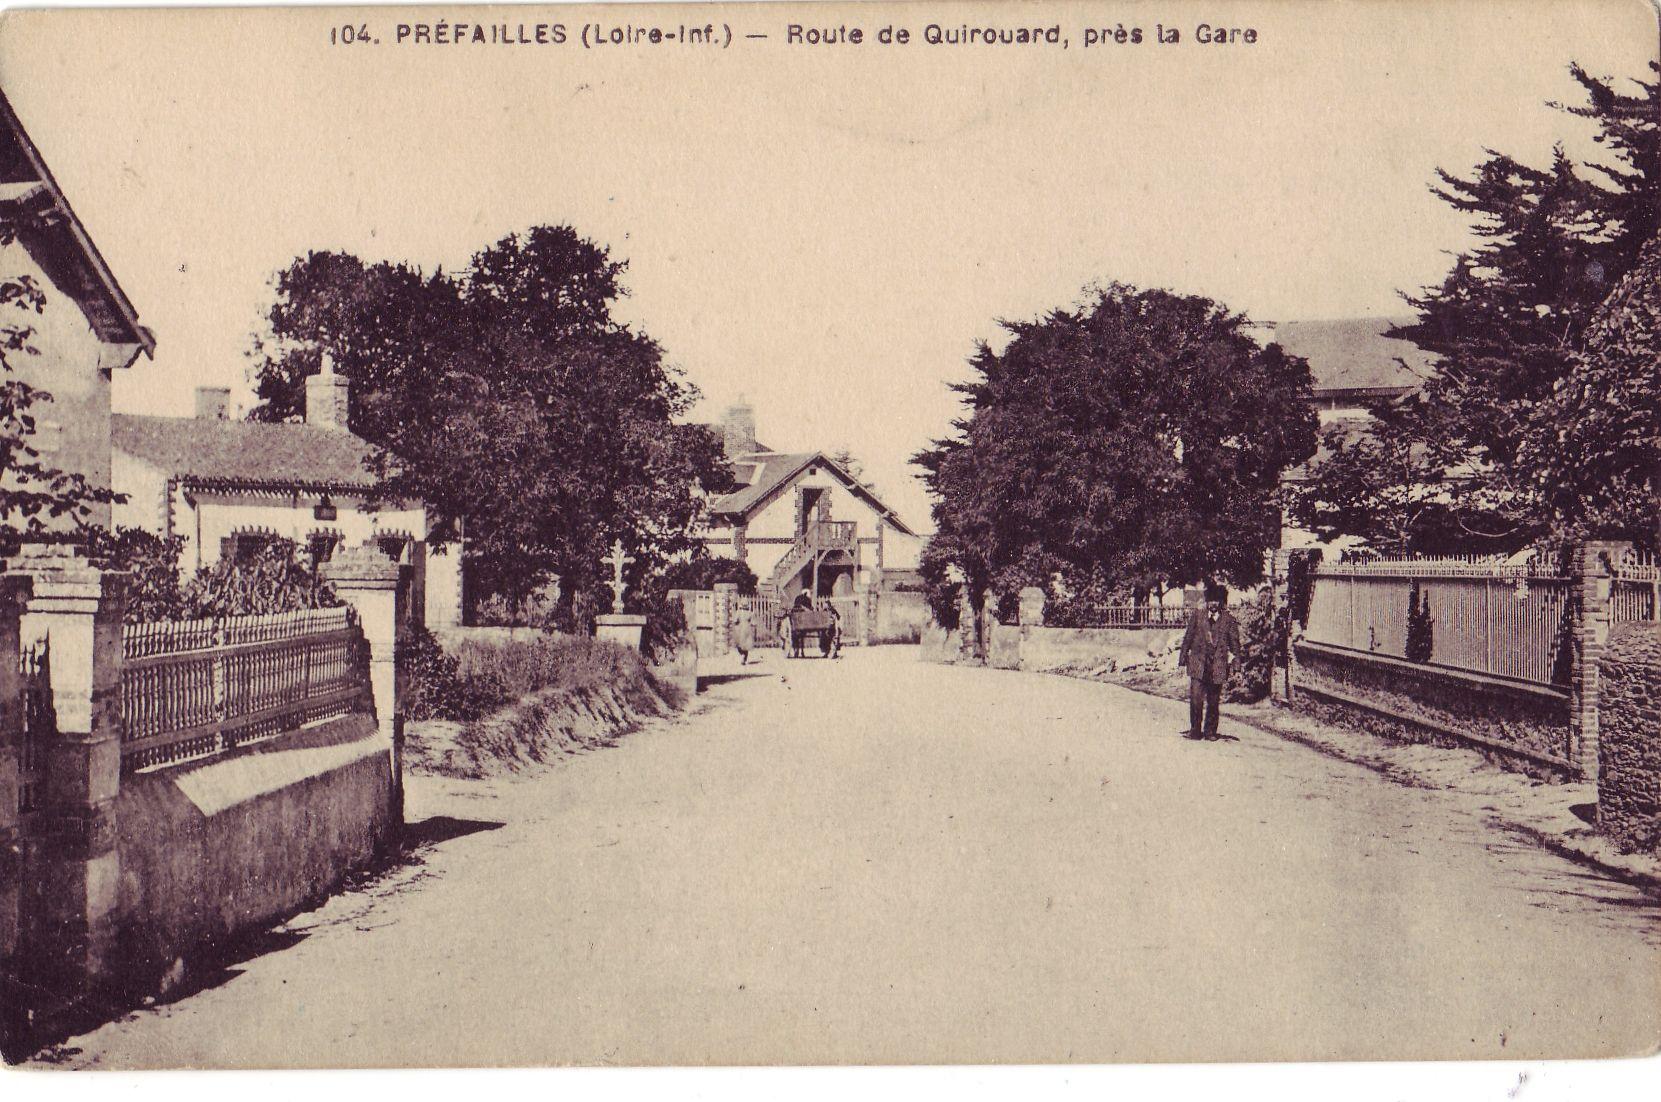 Route de Quirouard